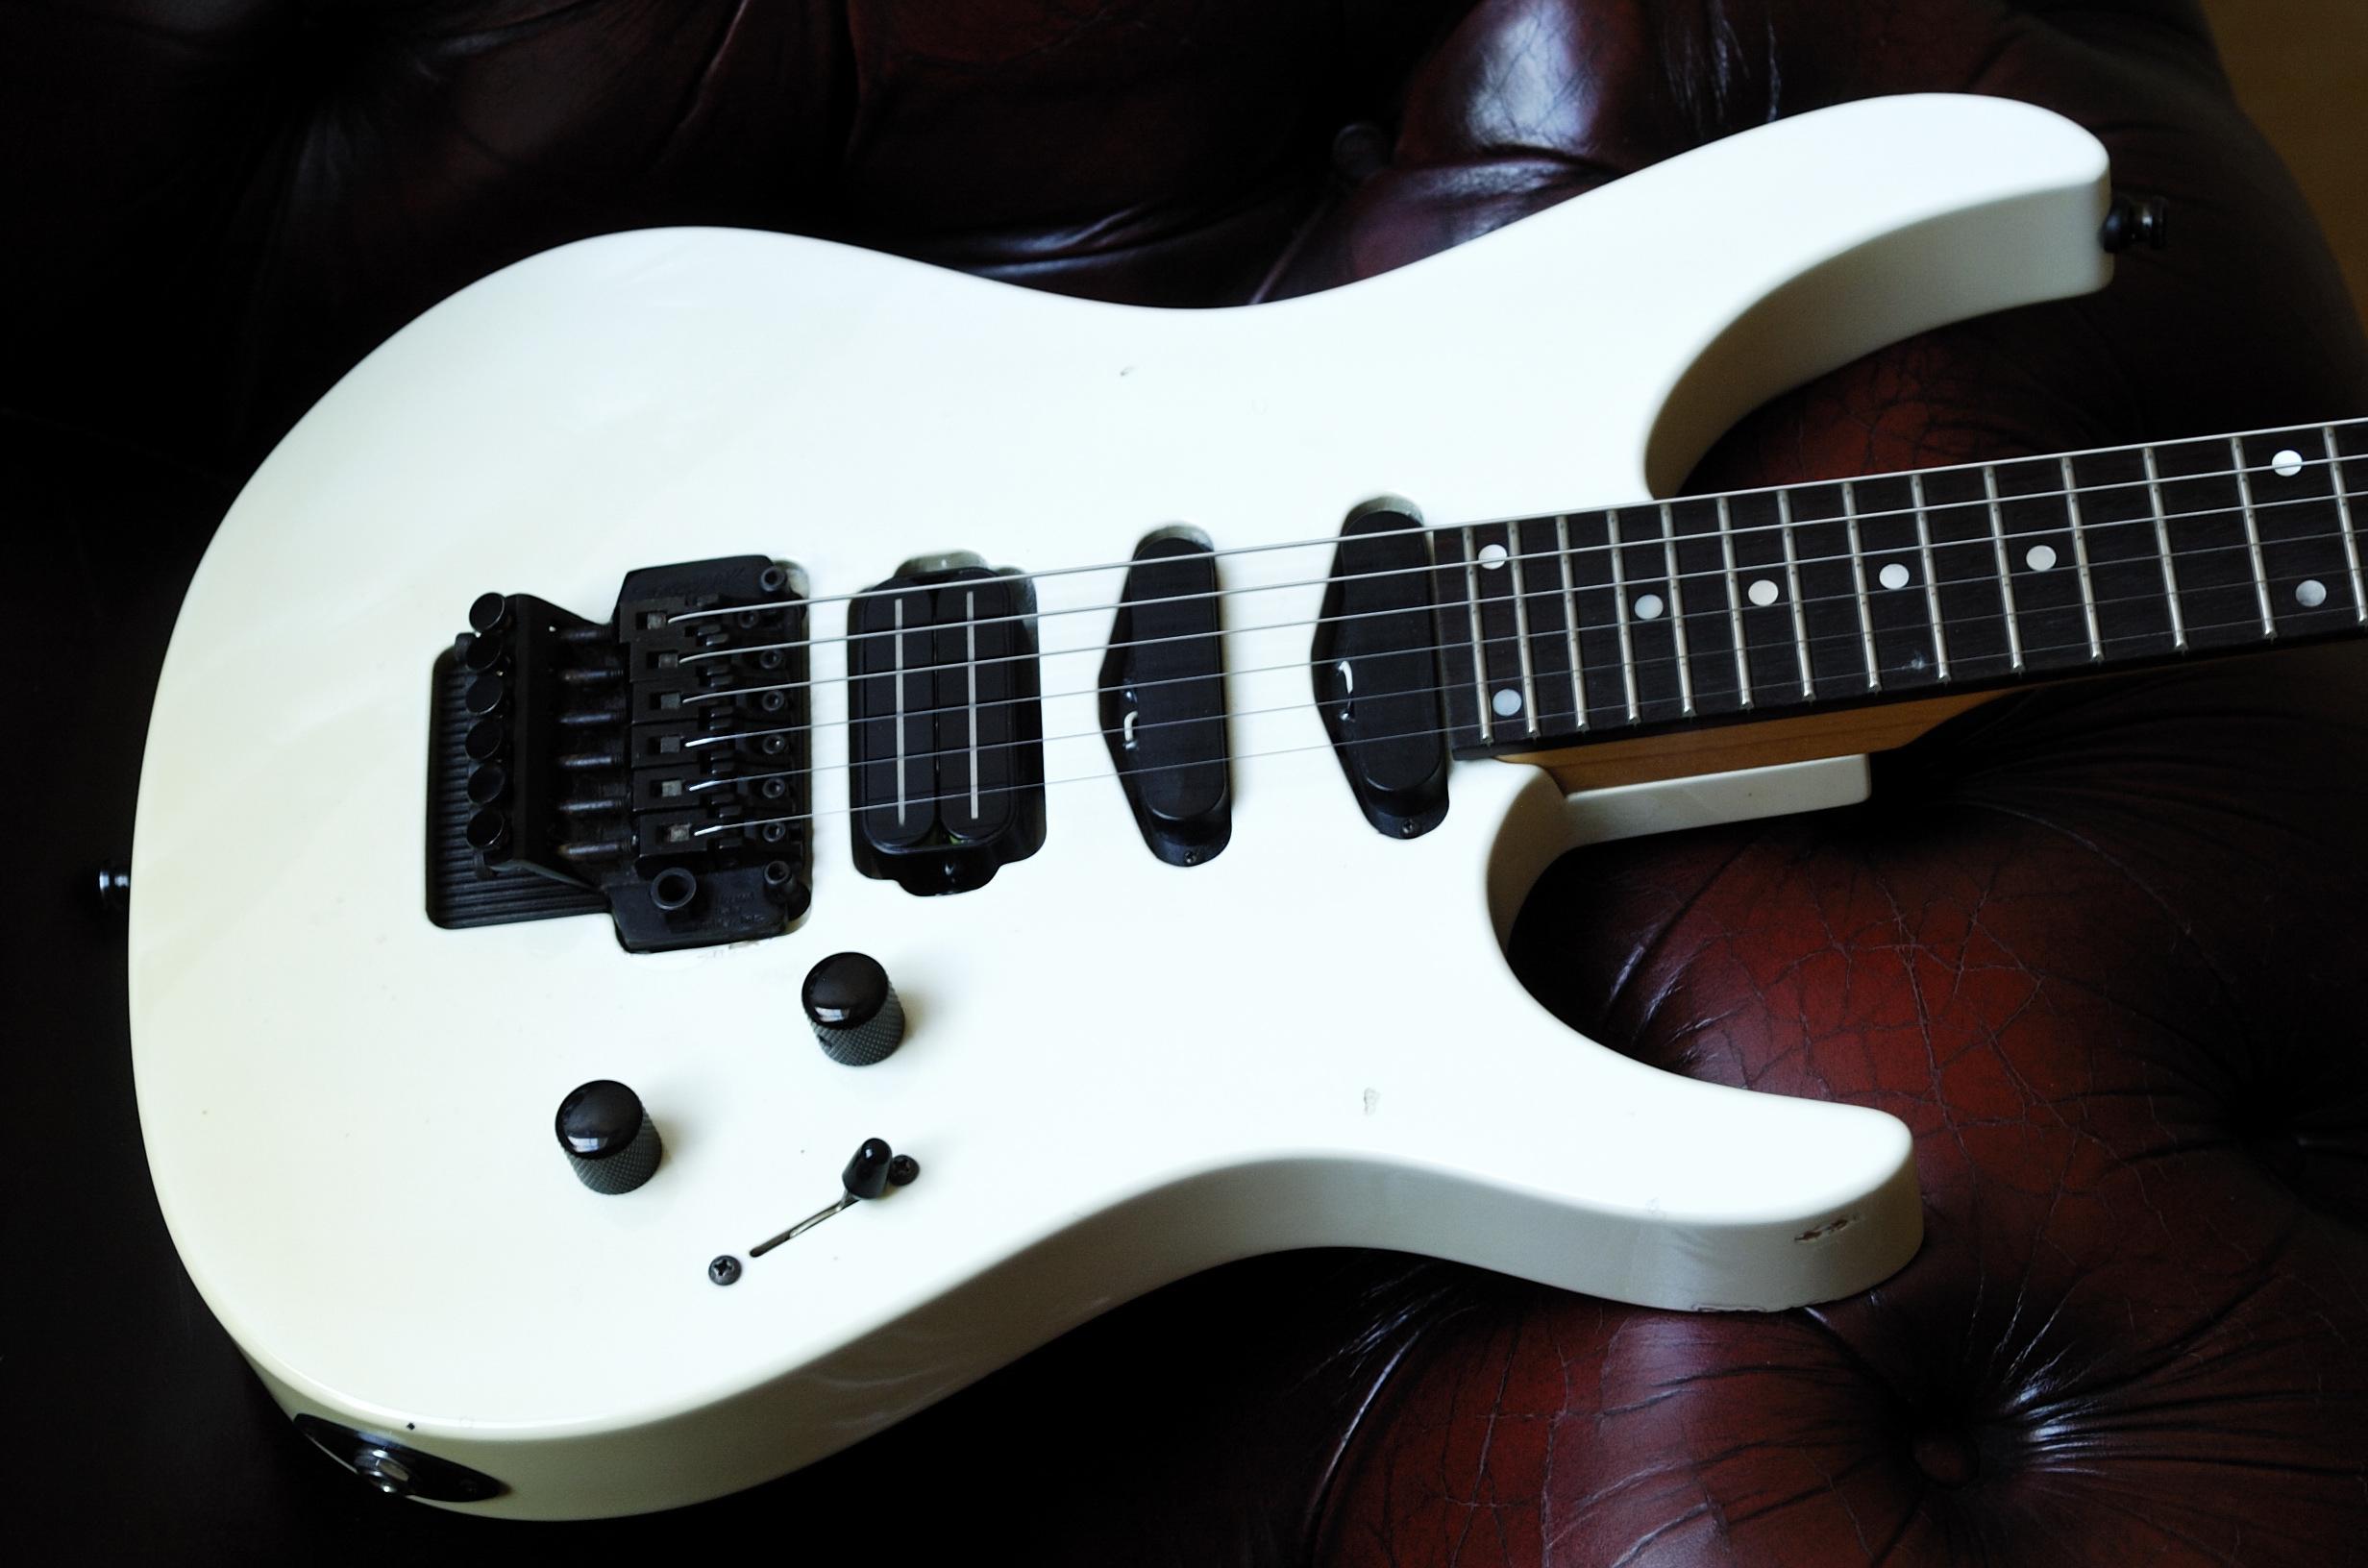 robin guitars medley image 579995 audiofanzine. Black Bedroom Furniture Sets. Home Design Ideas